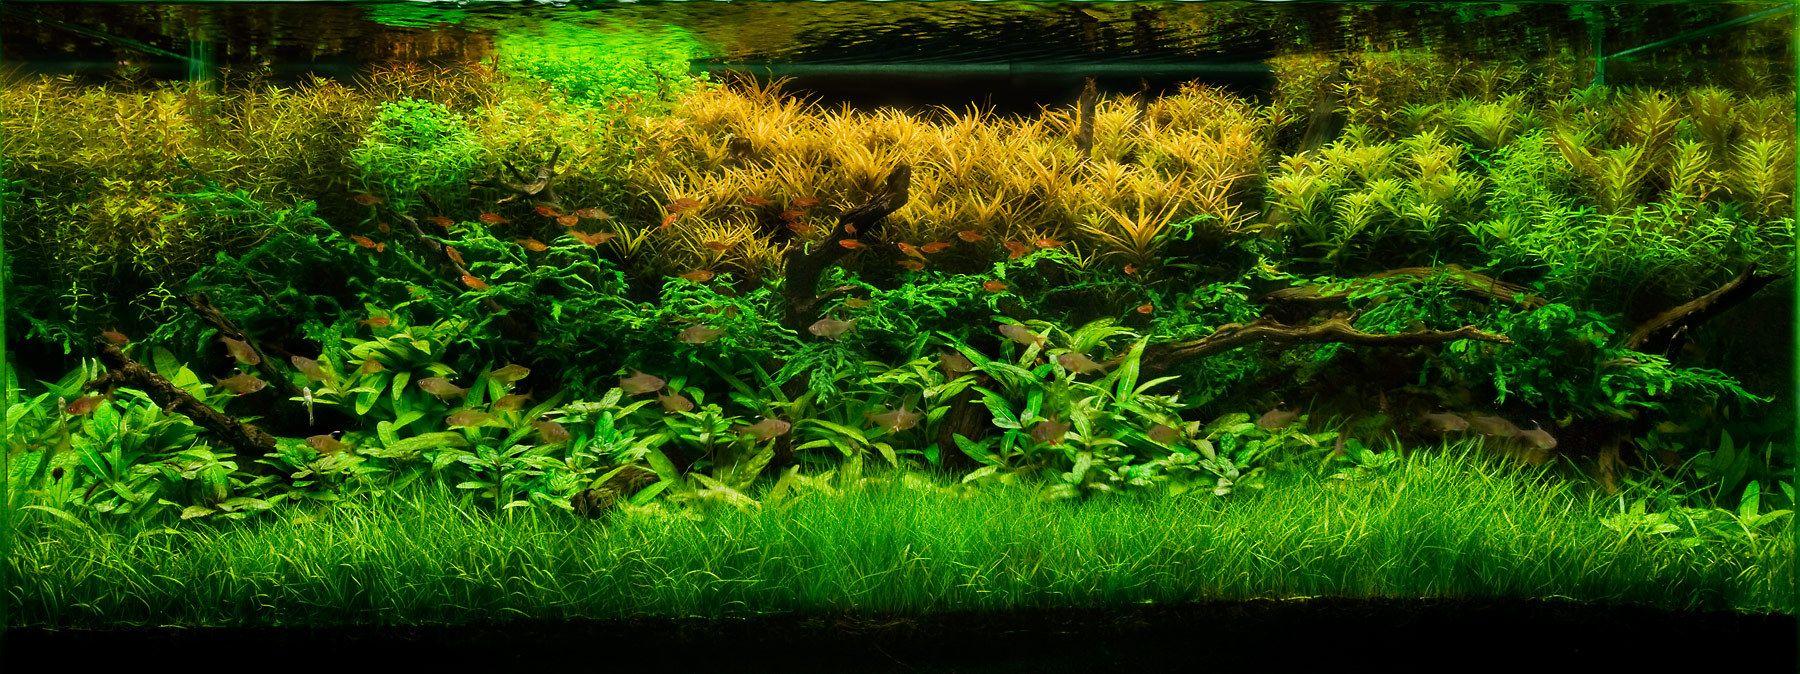 Planted Live Aquarium Plants Planted Aquarium Freshwater Aquarium Plants